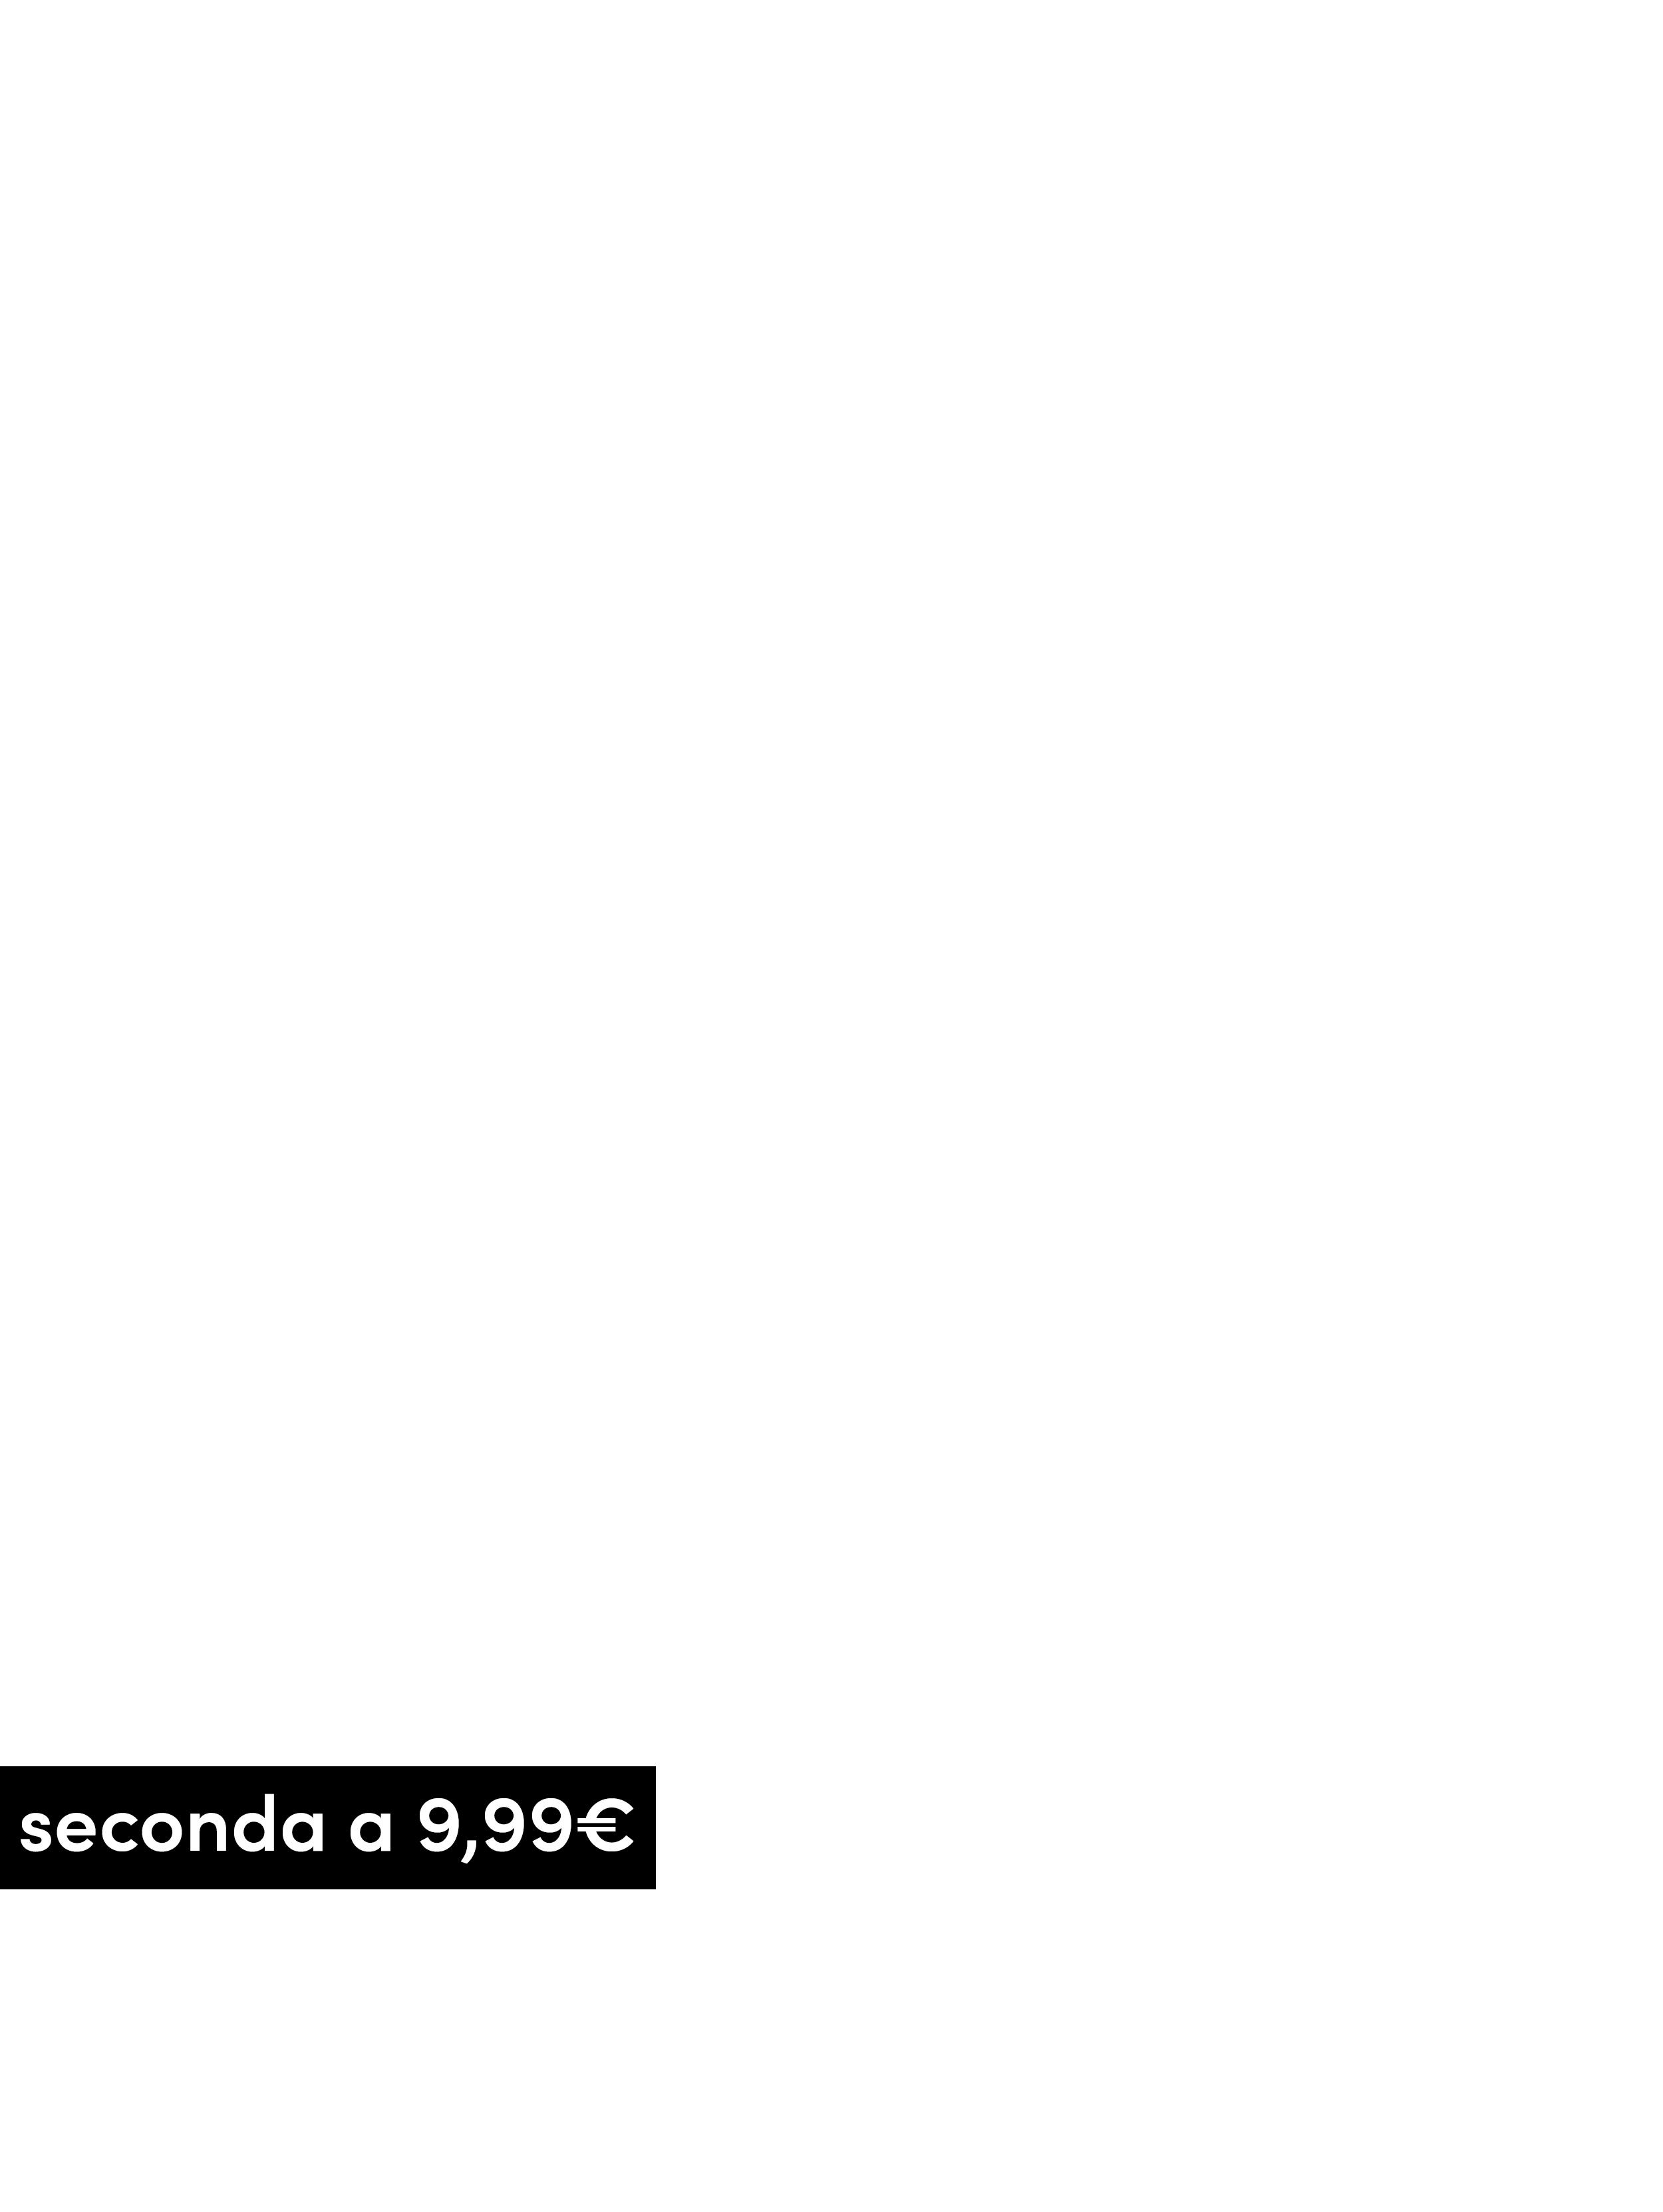 secondA A 9.99